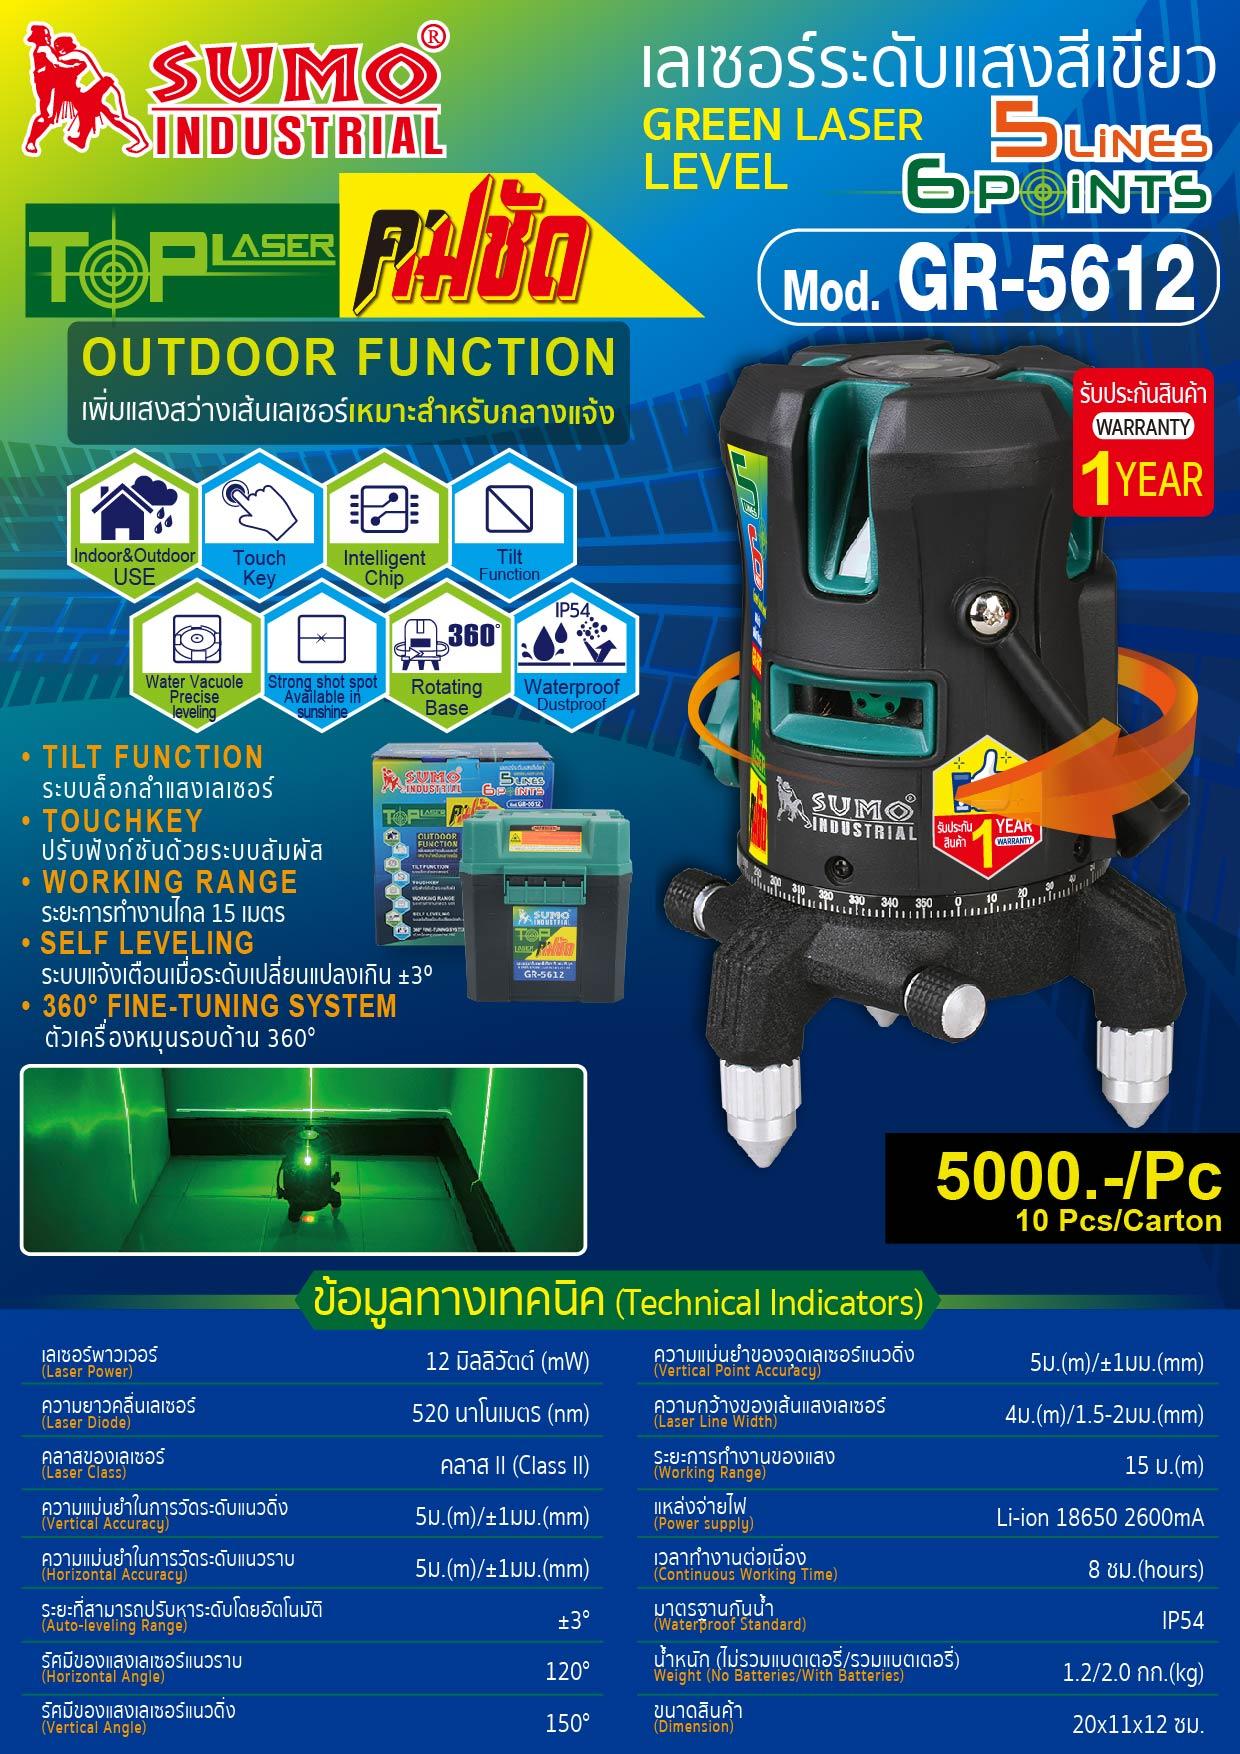 (3/36) เลเซอร์ระดับแสงสีเขียว GR-5612